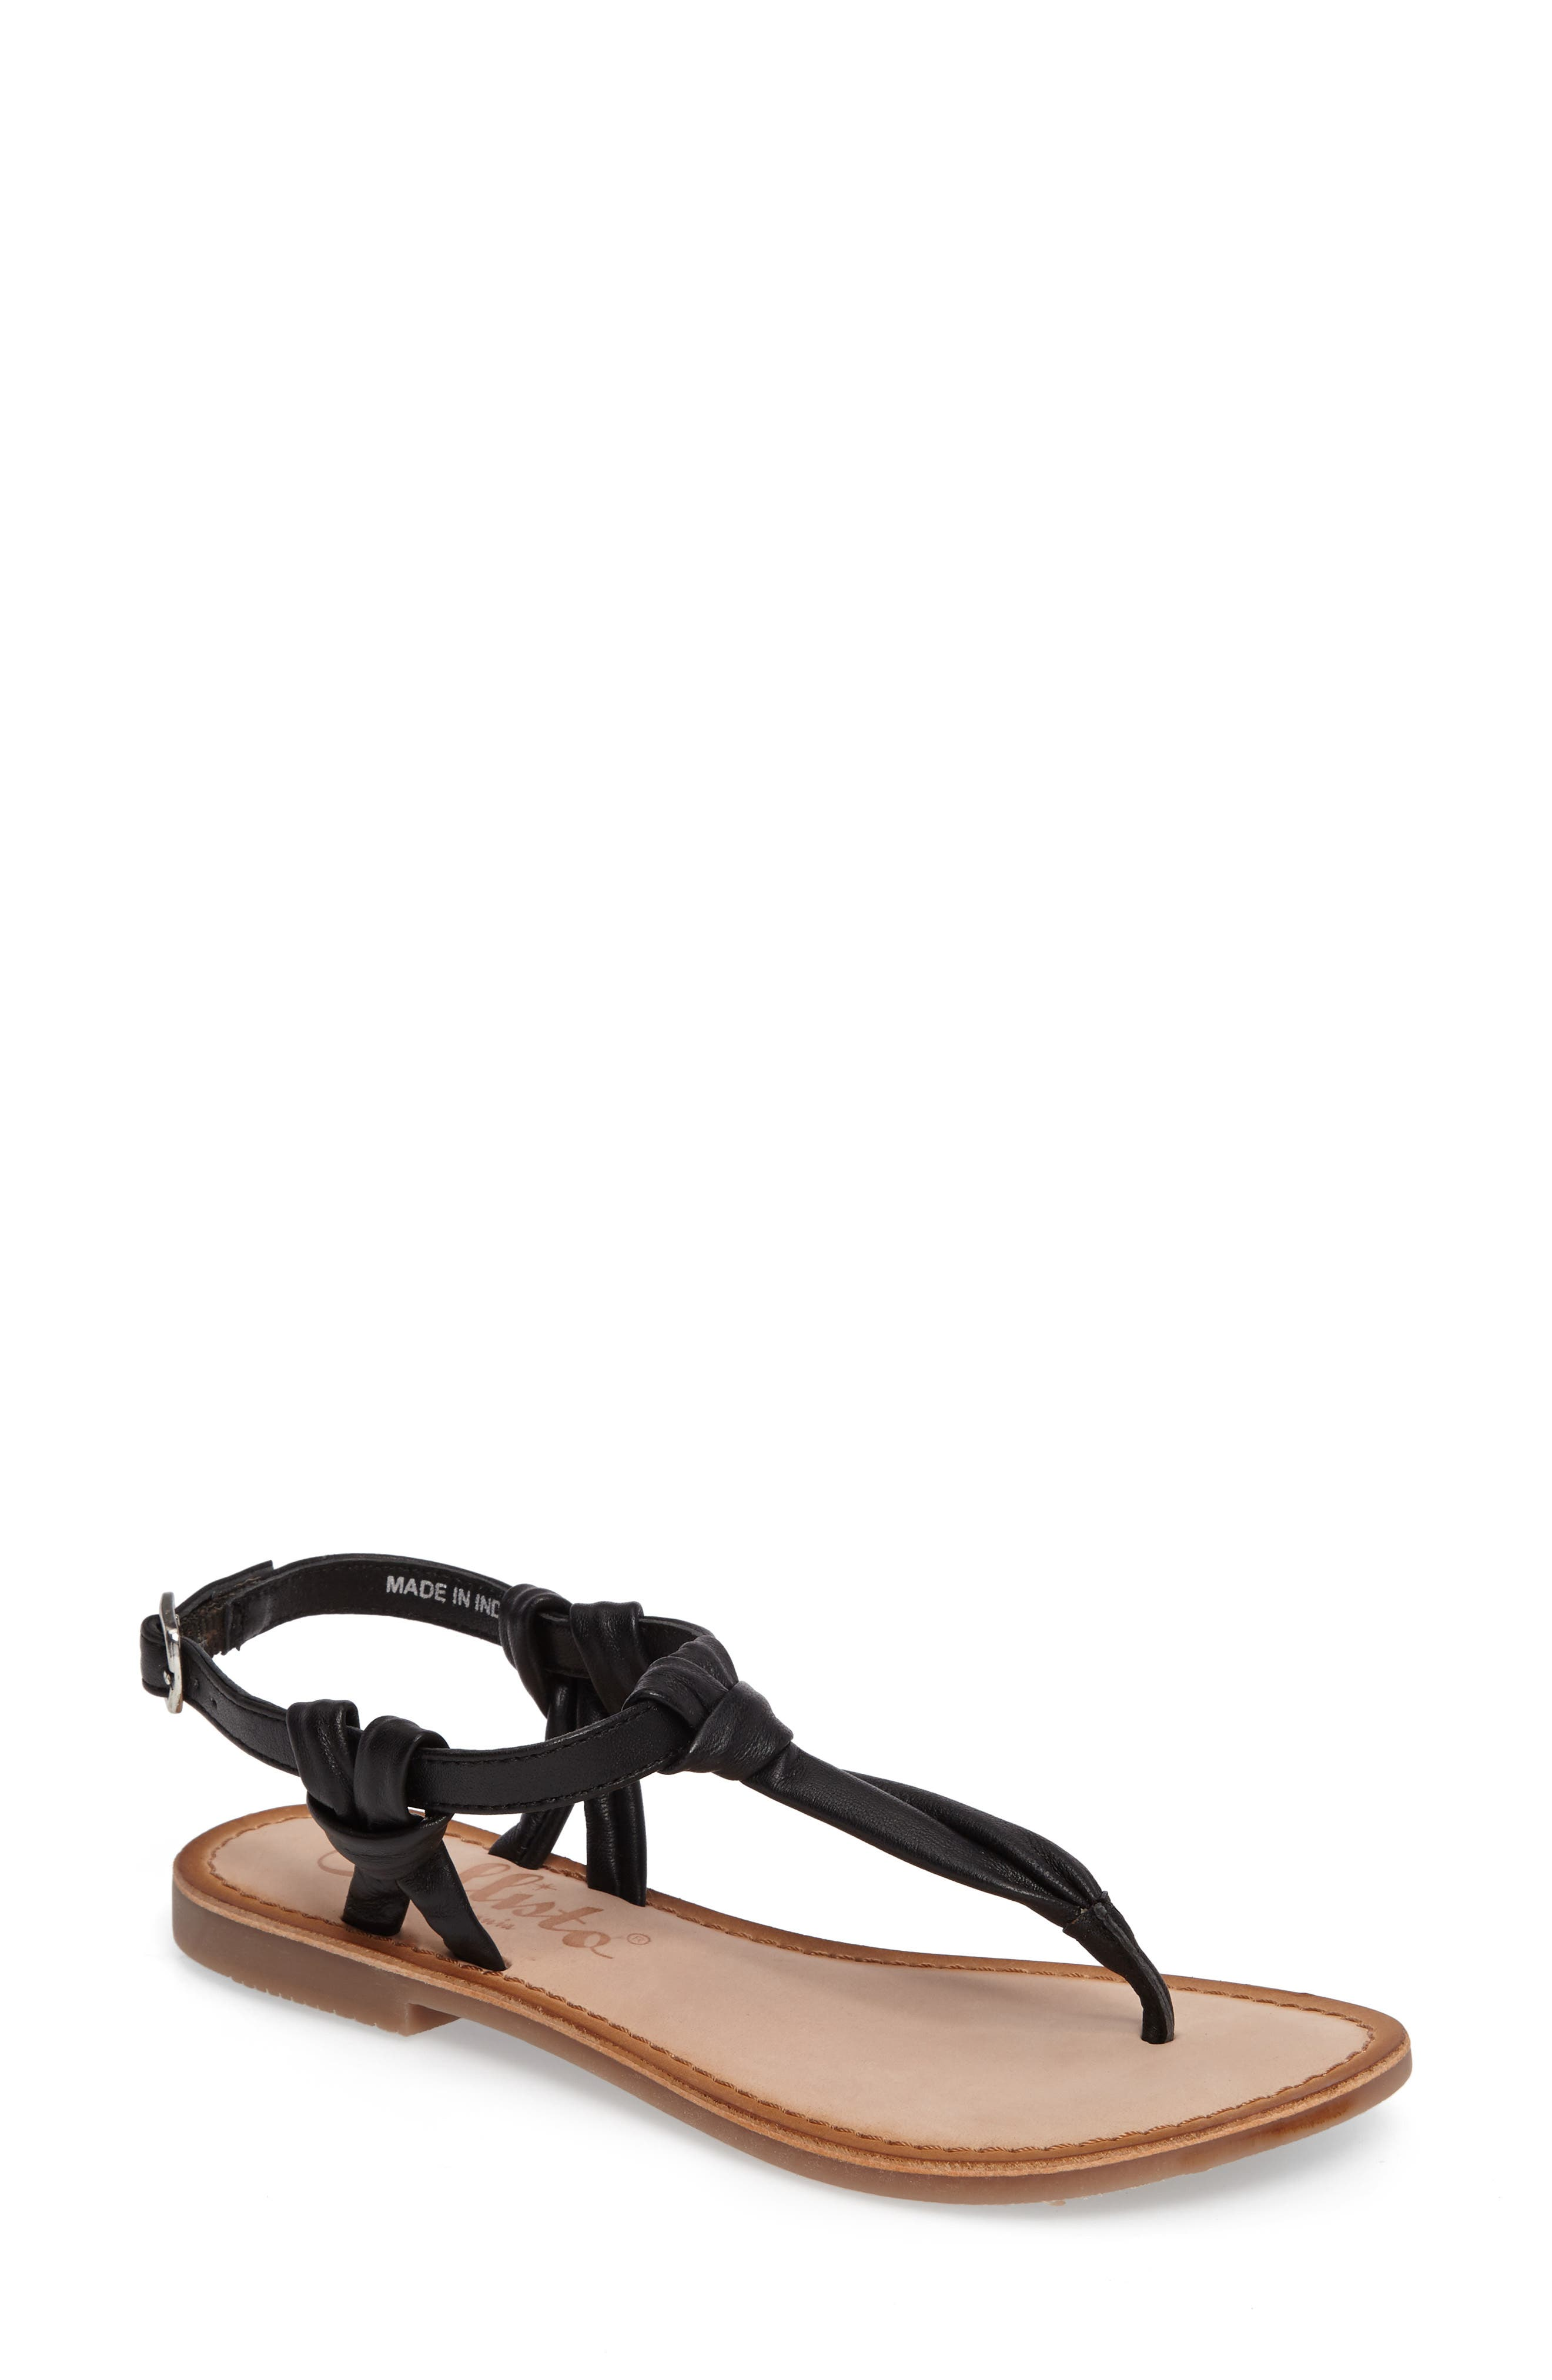 Azza T-Strap Sandal,                             Main thumbnail 1, color,                             001